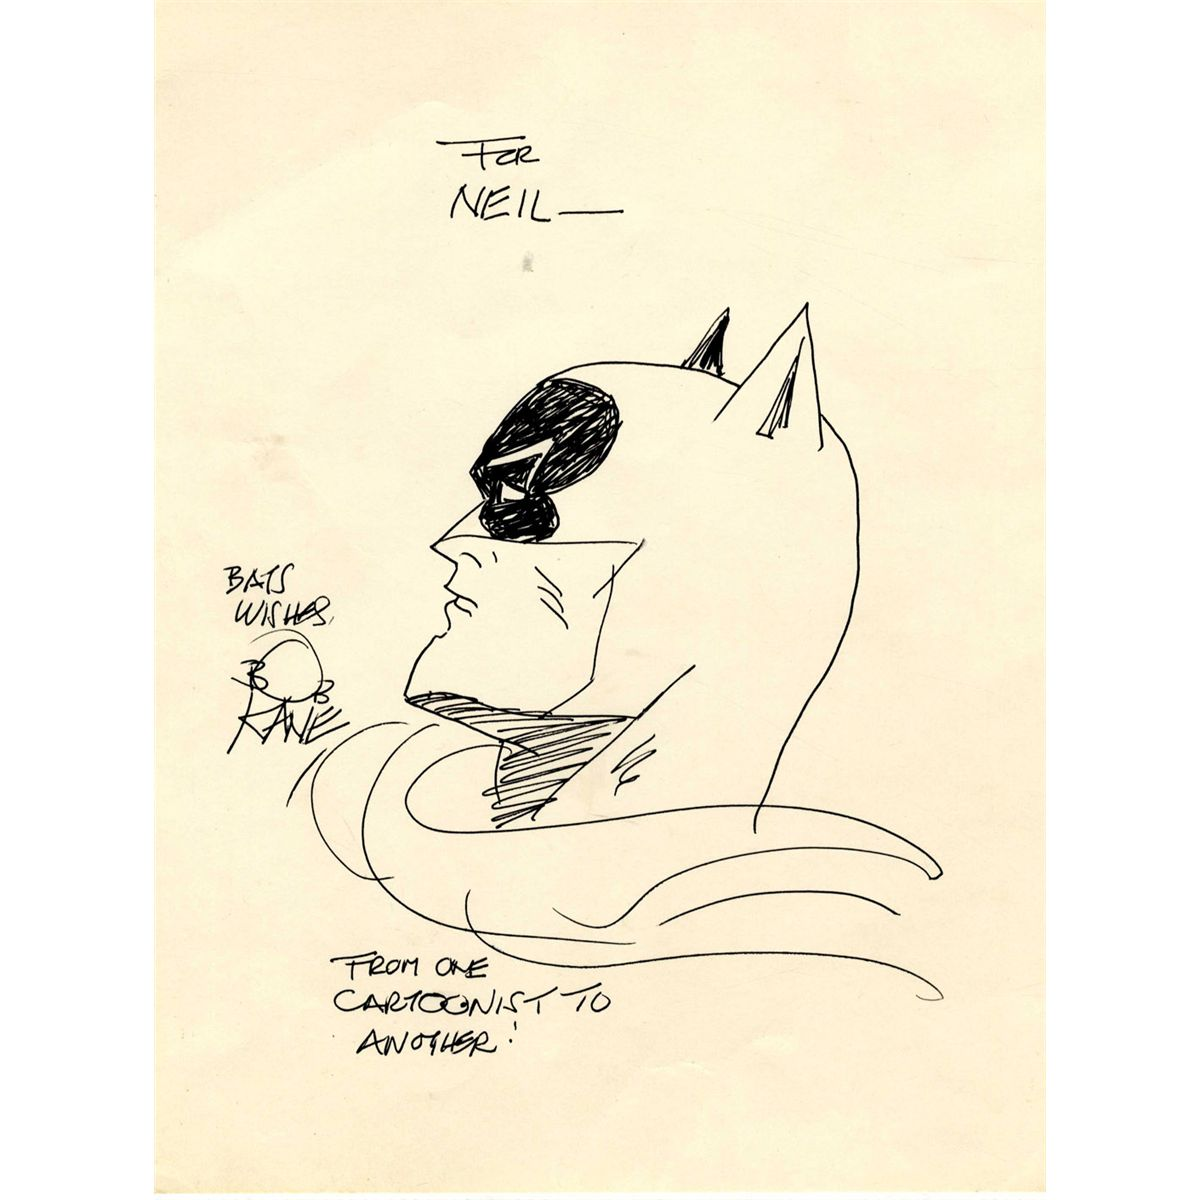 Drawn batman bob kane Kane Batman Bob  Drawing